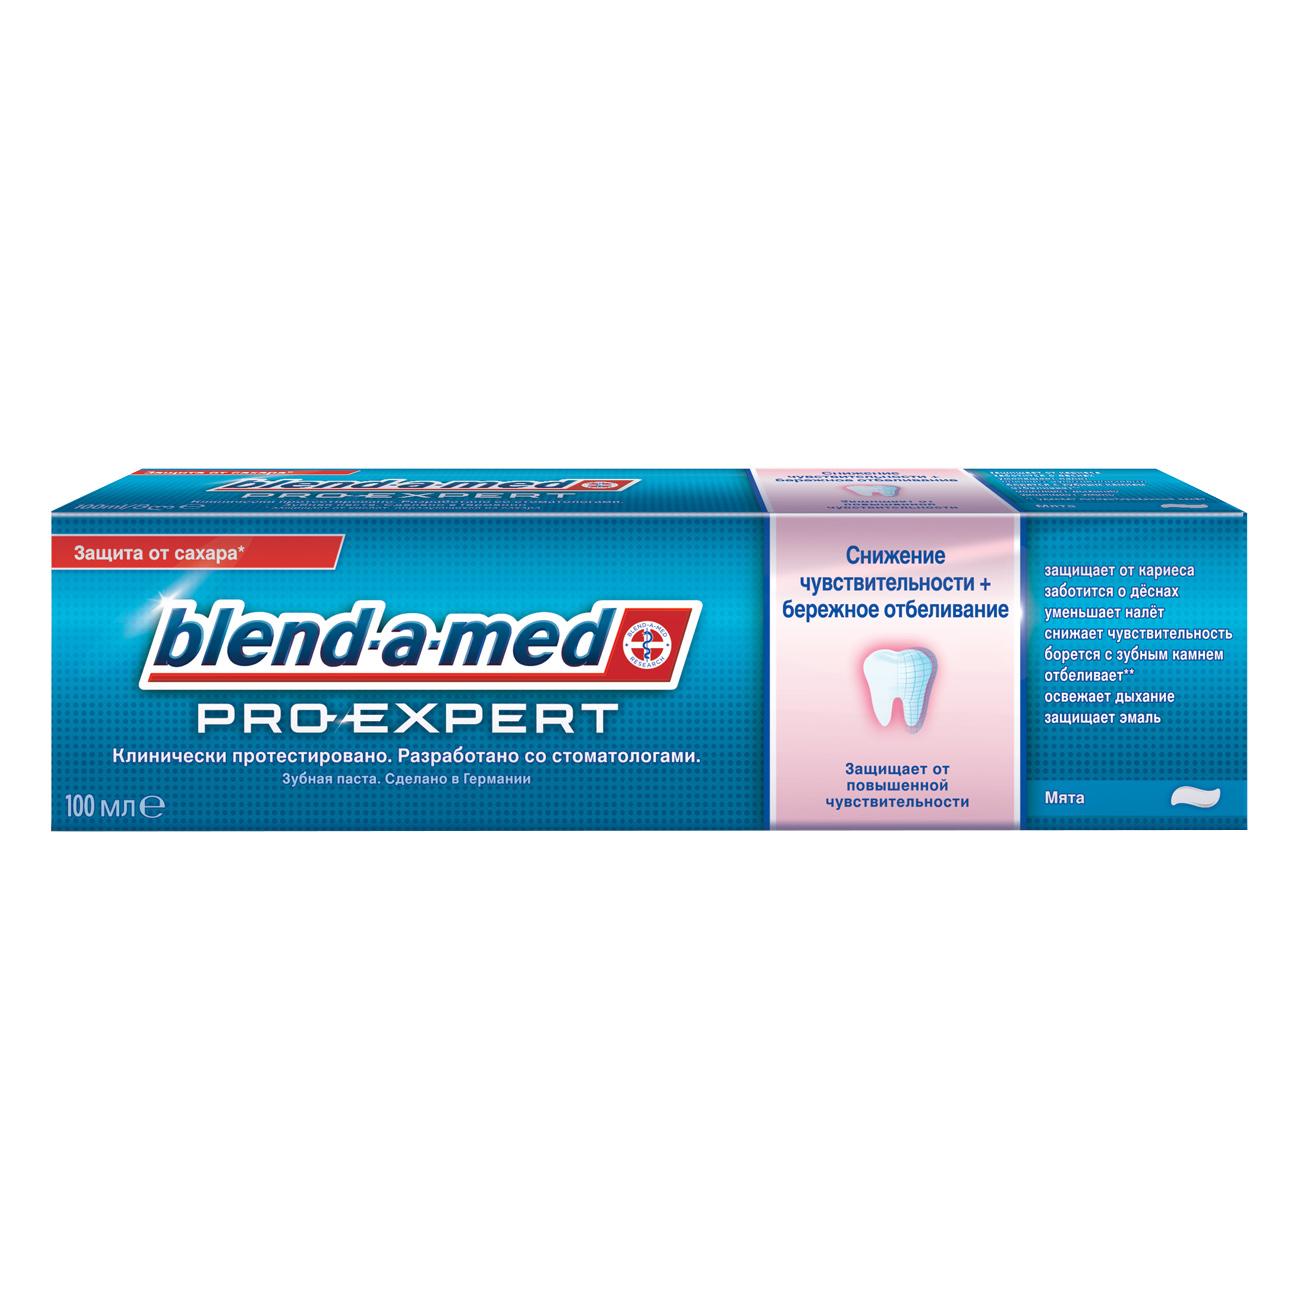 Купить Зубная паста Blend-a-med ProExpert Снижение чувствительности Мята 100мл, зубная паста 81563697